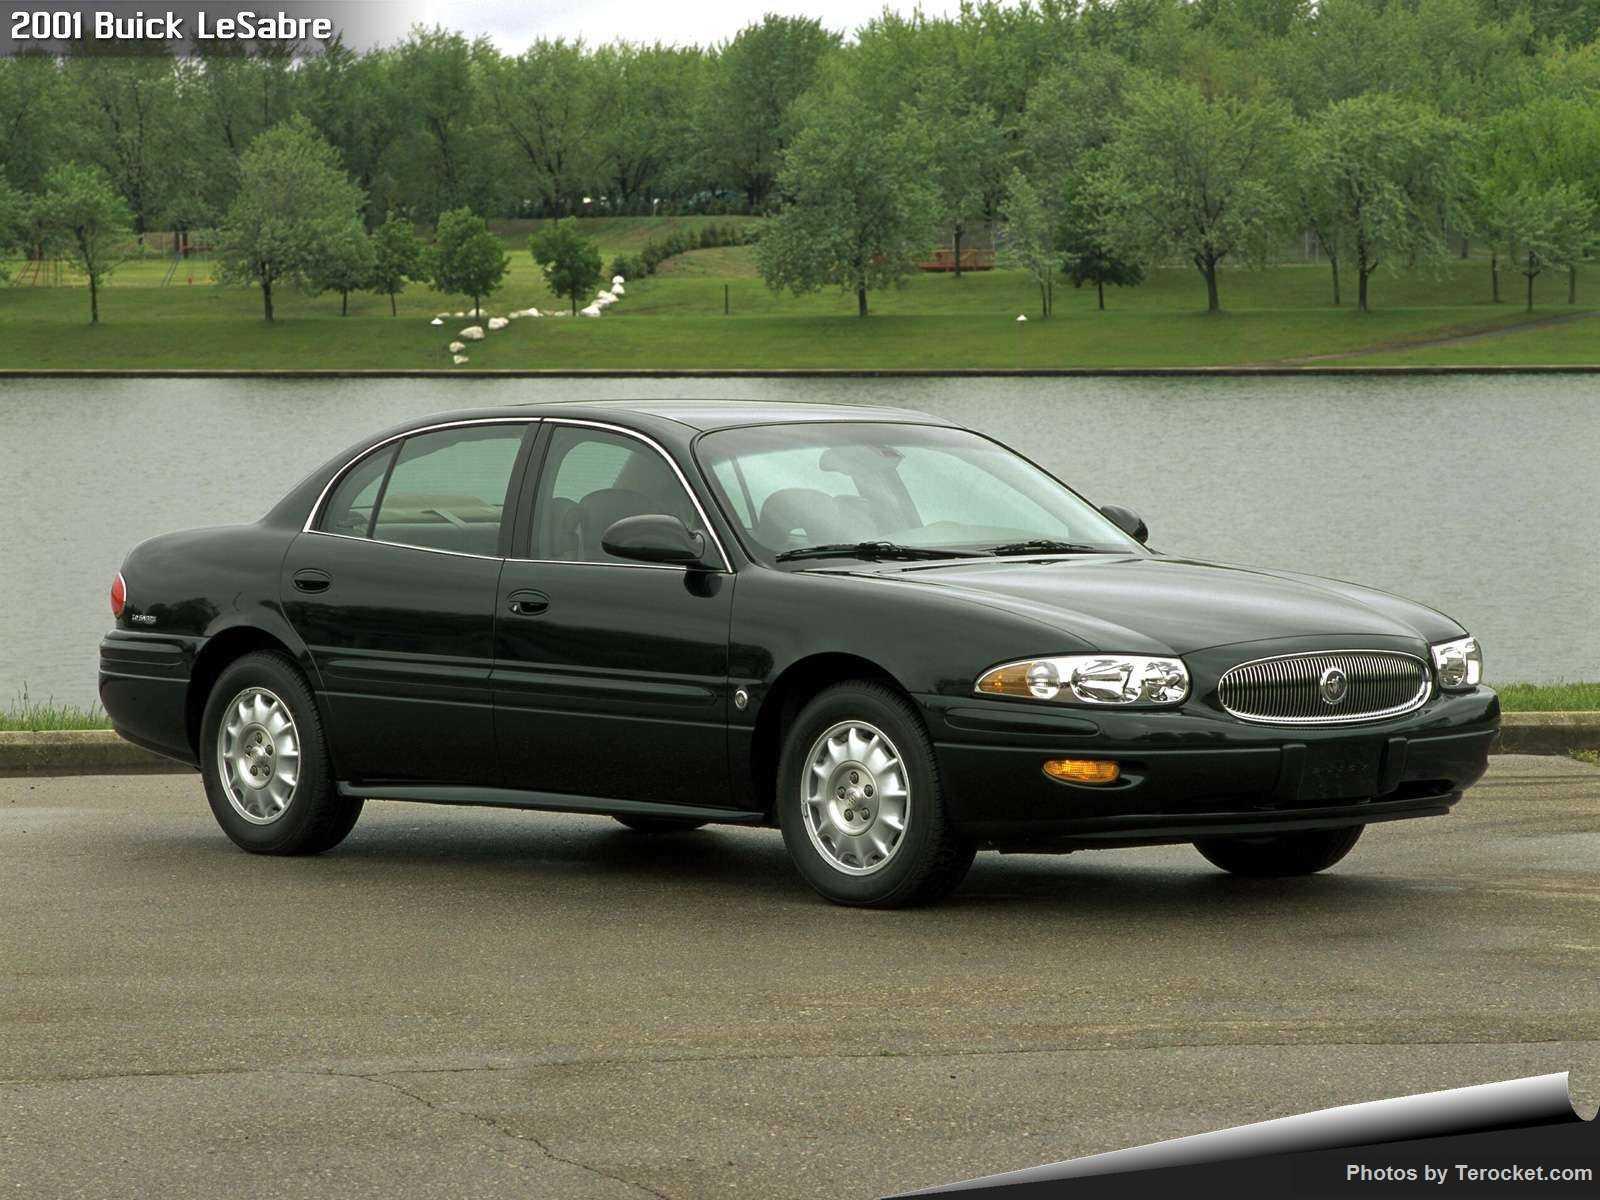 Hình ảnh xe ô tô Buick LeSabre 2001 & nội ngoại thất